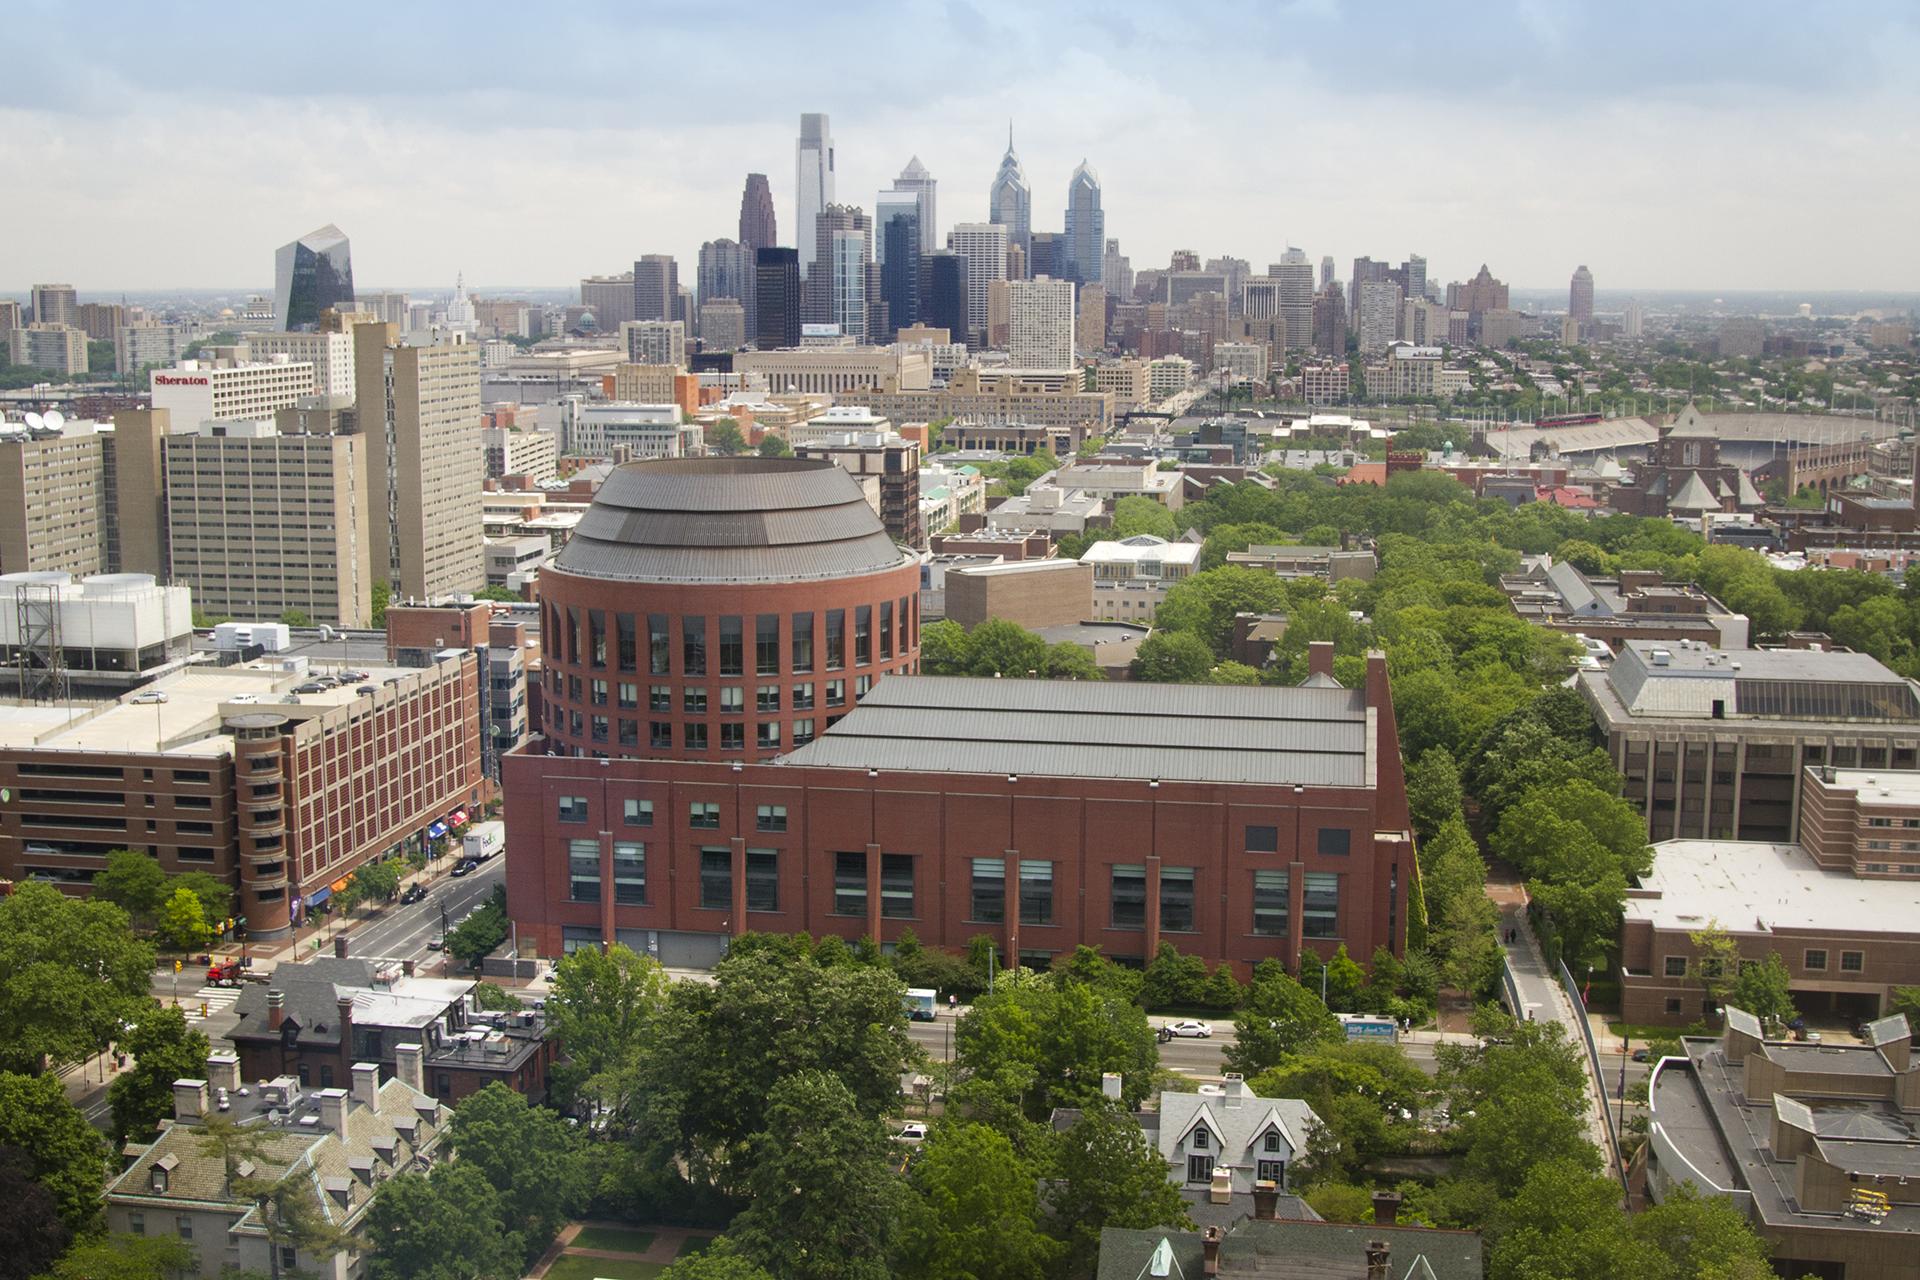 Đại học hàng đầu Mỹ University of Pennsylvania